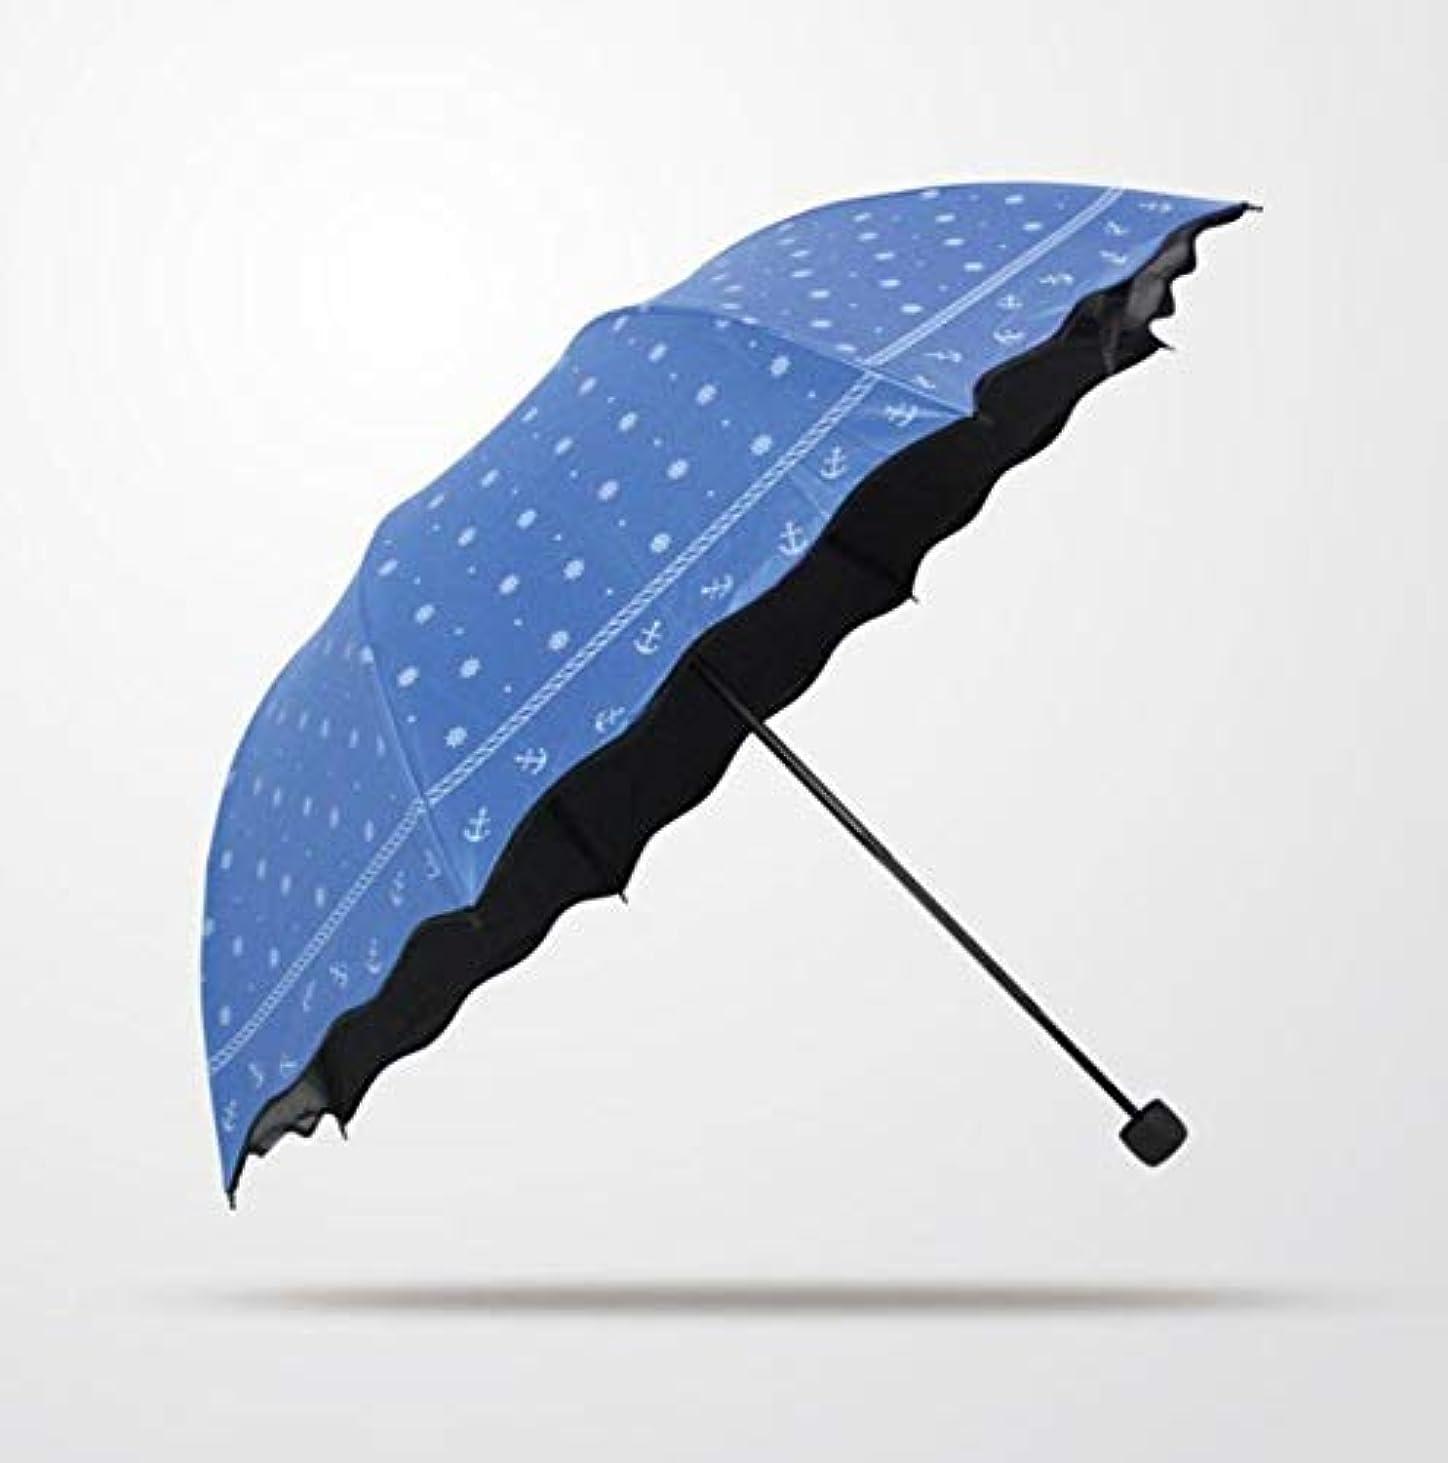 氏推進力尋ねるChuangshengnet 傘水玉ビニール傘折りたたみ傘アーチ型傘UVプロテクションマニュアル傘サンプロテクション (Color : 青)